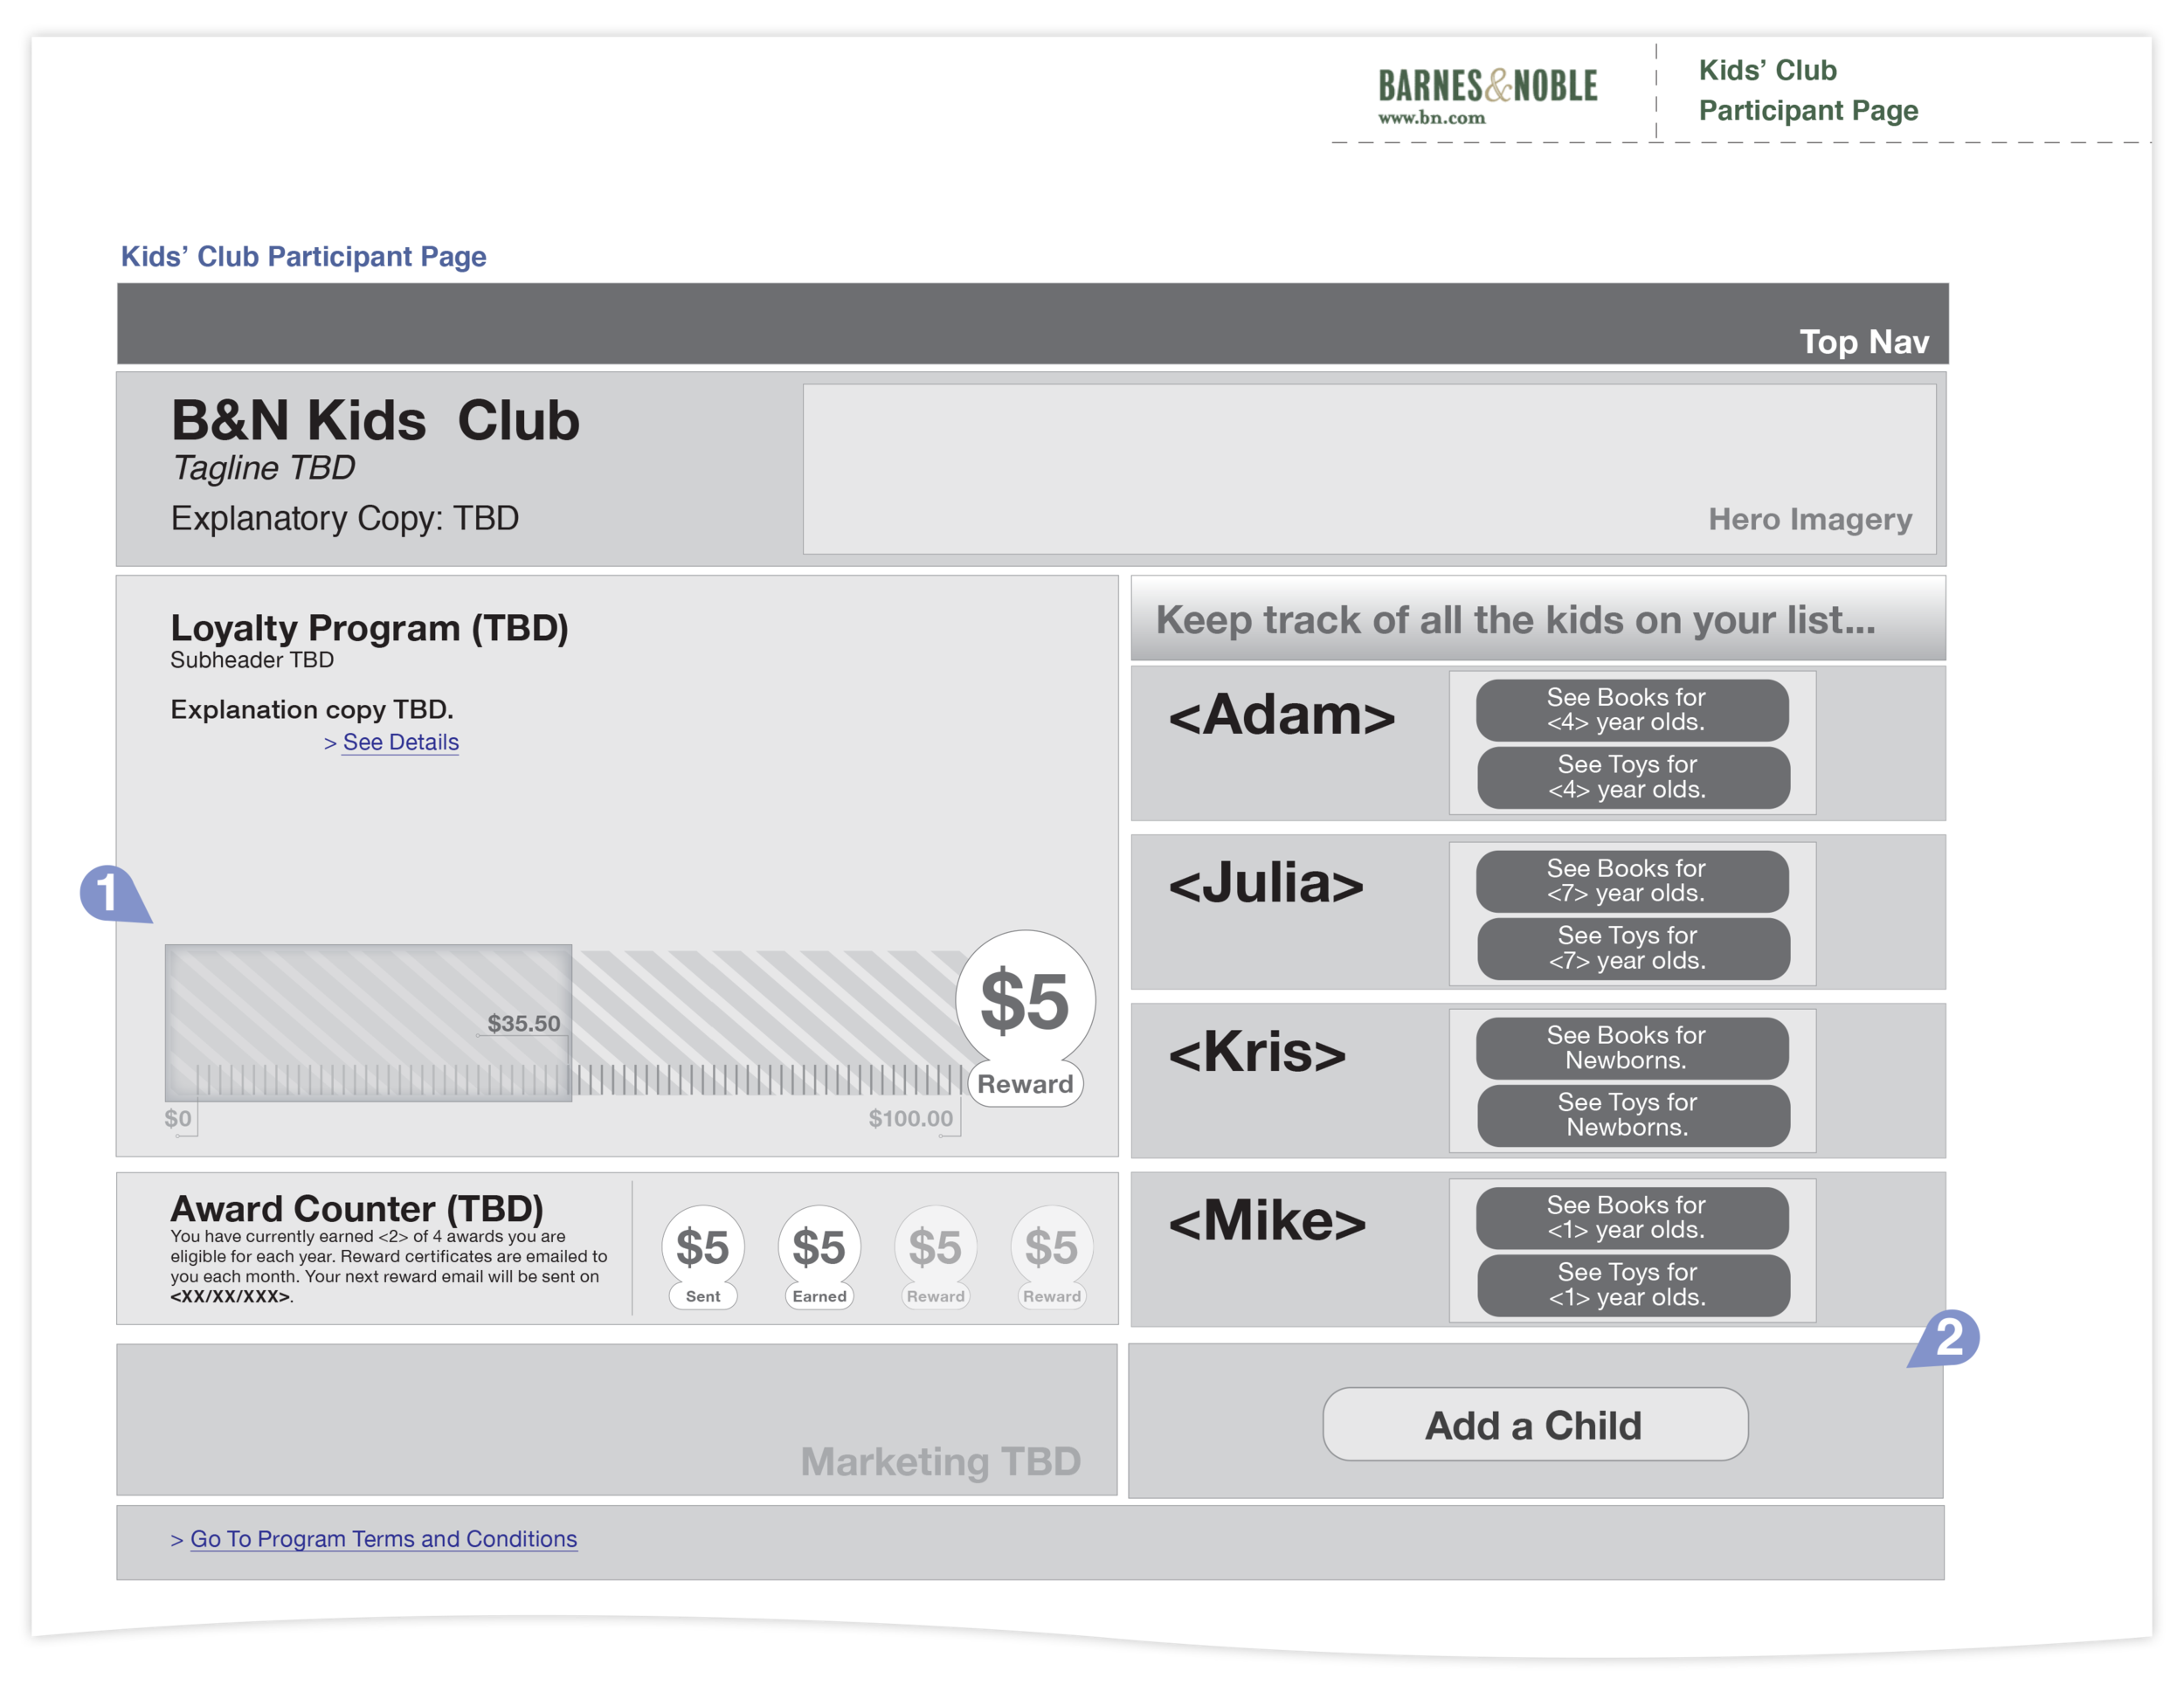 BN_Kids_Club_wfs_5_sq_spc.png